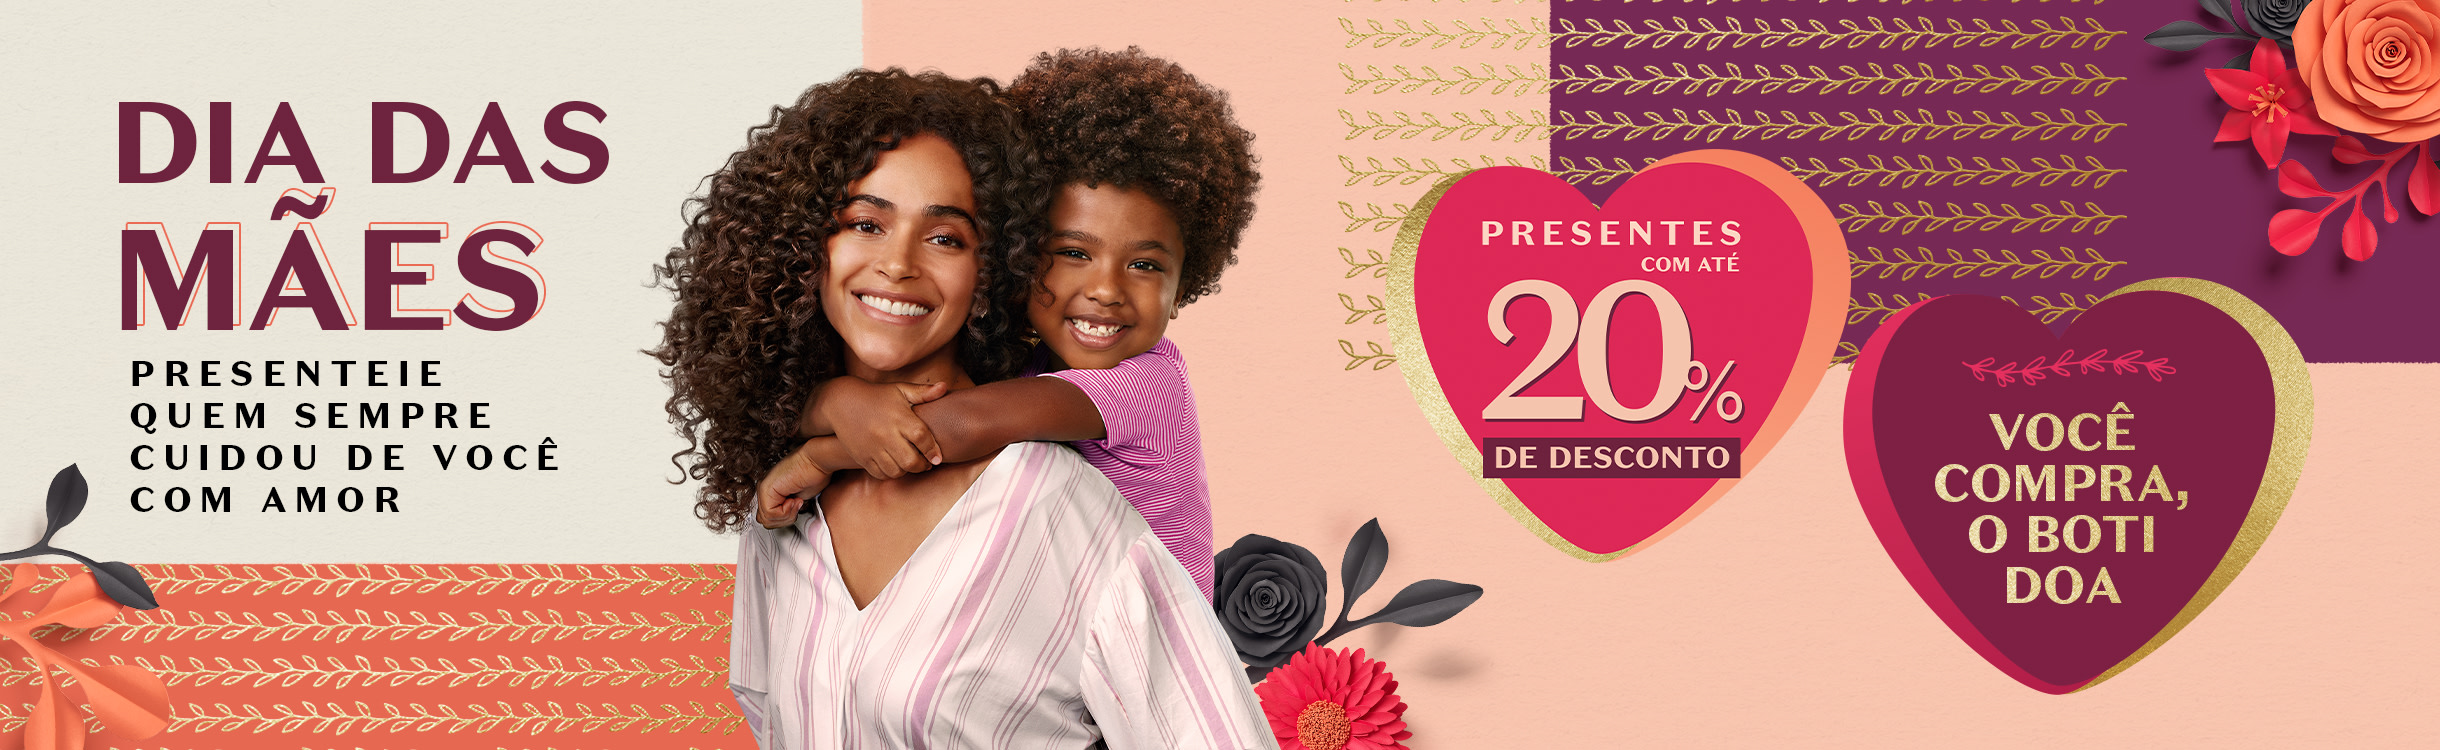 Dia das Mães: Presentes a partir de R$149,90